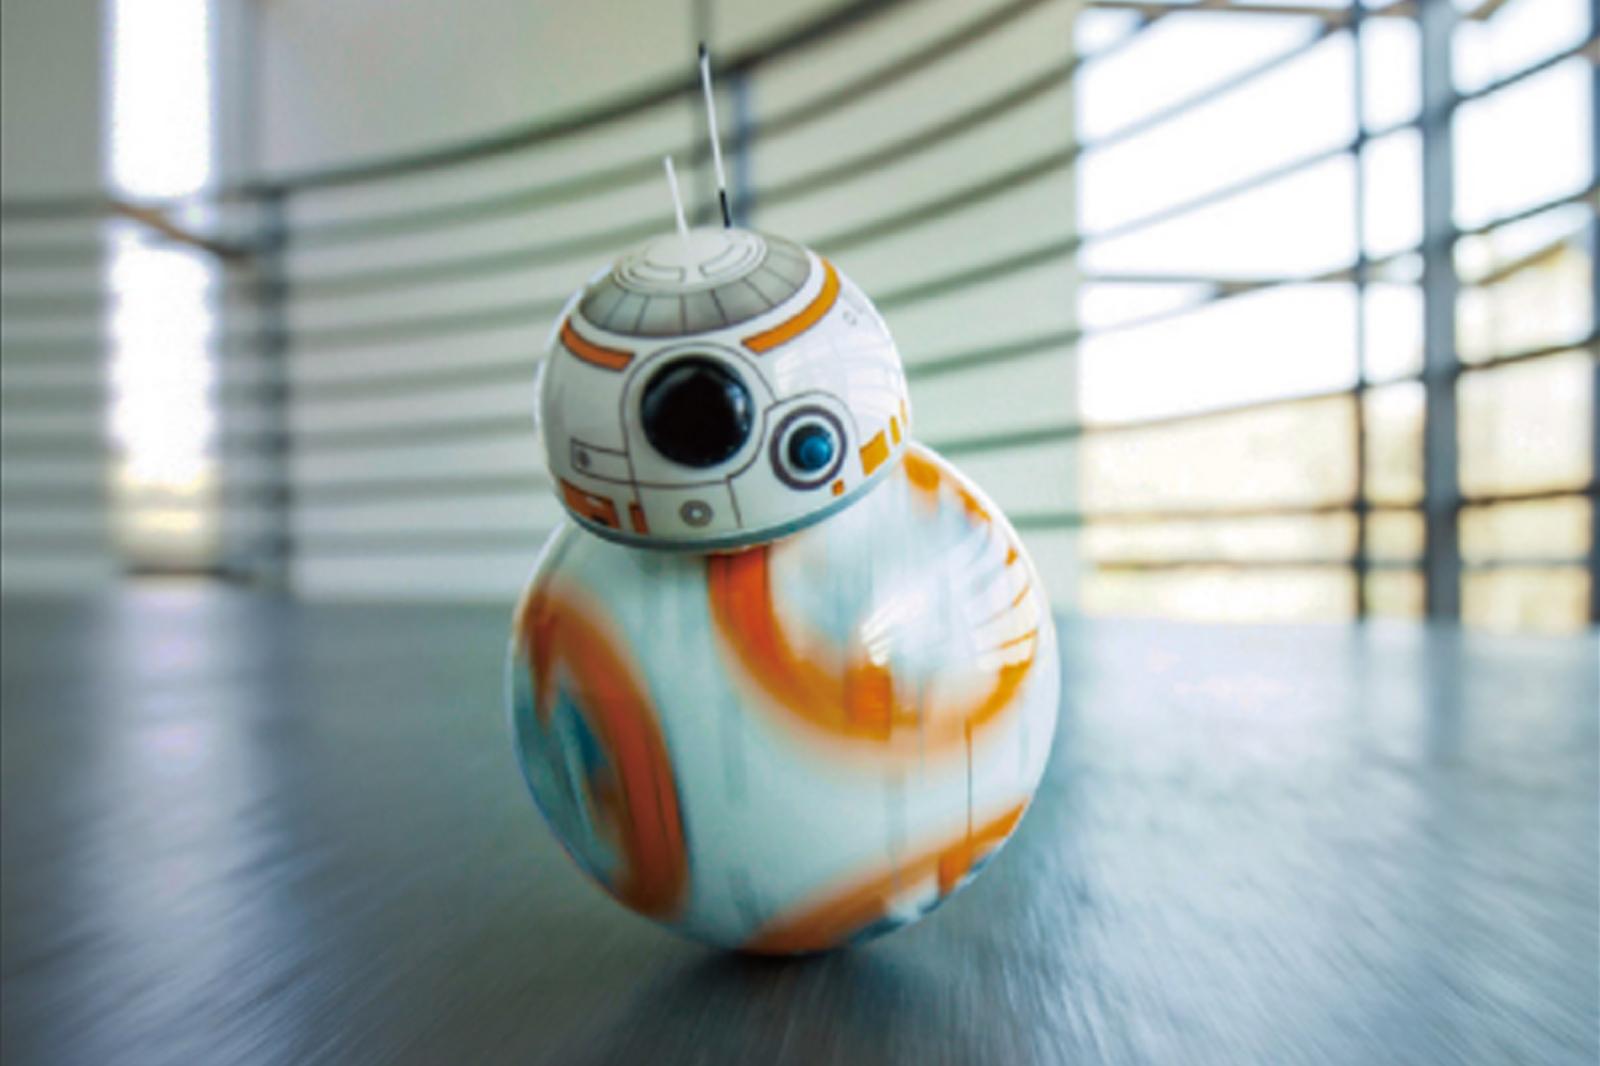 星際大戰新機器人-BB-8